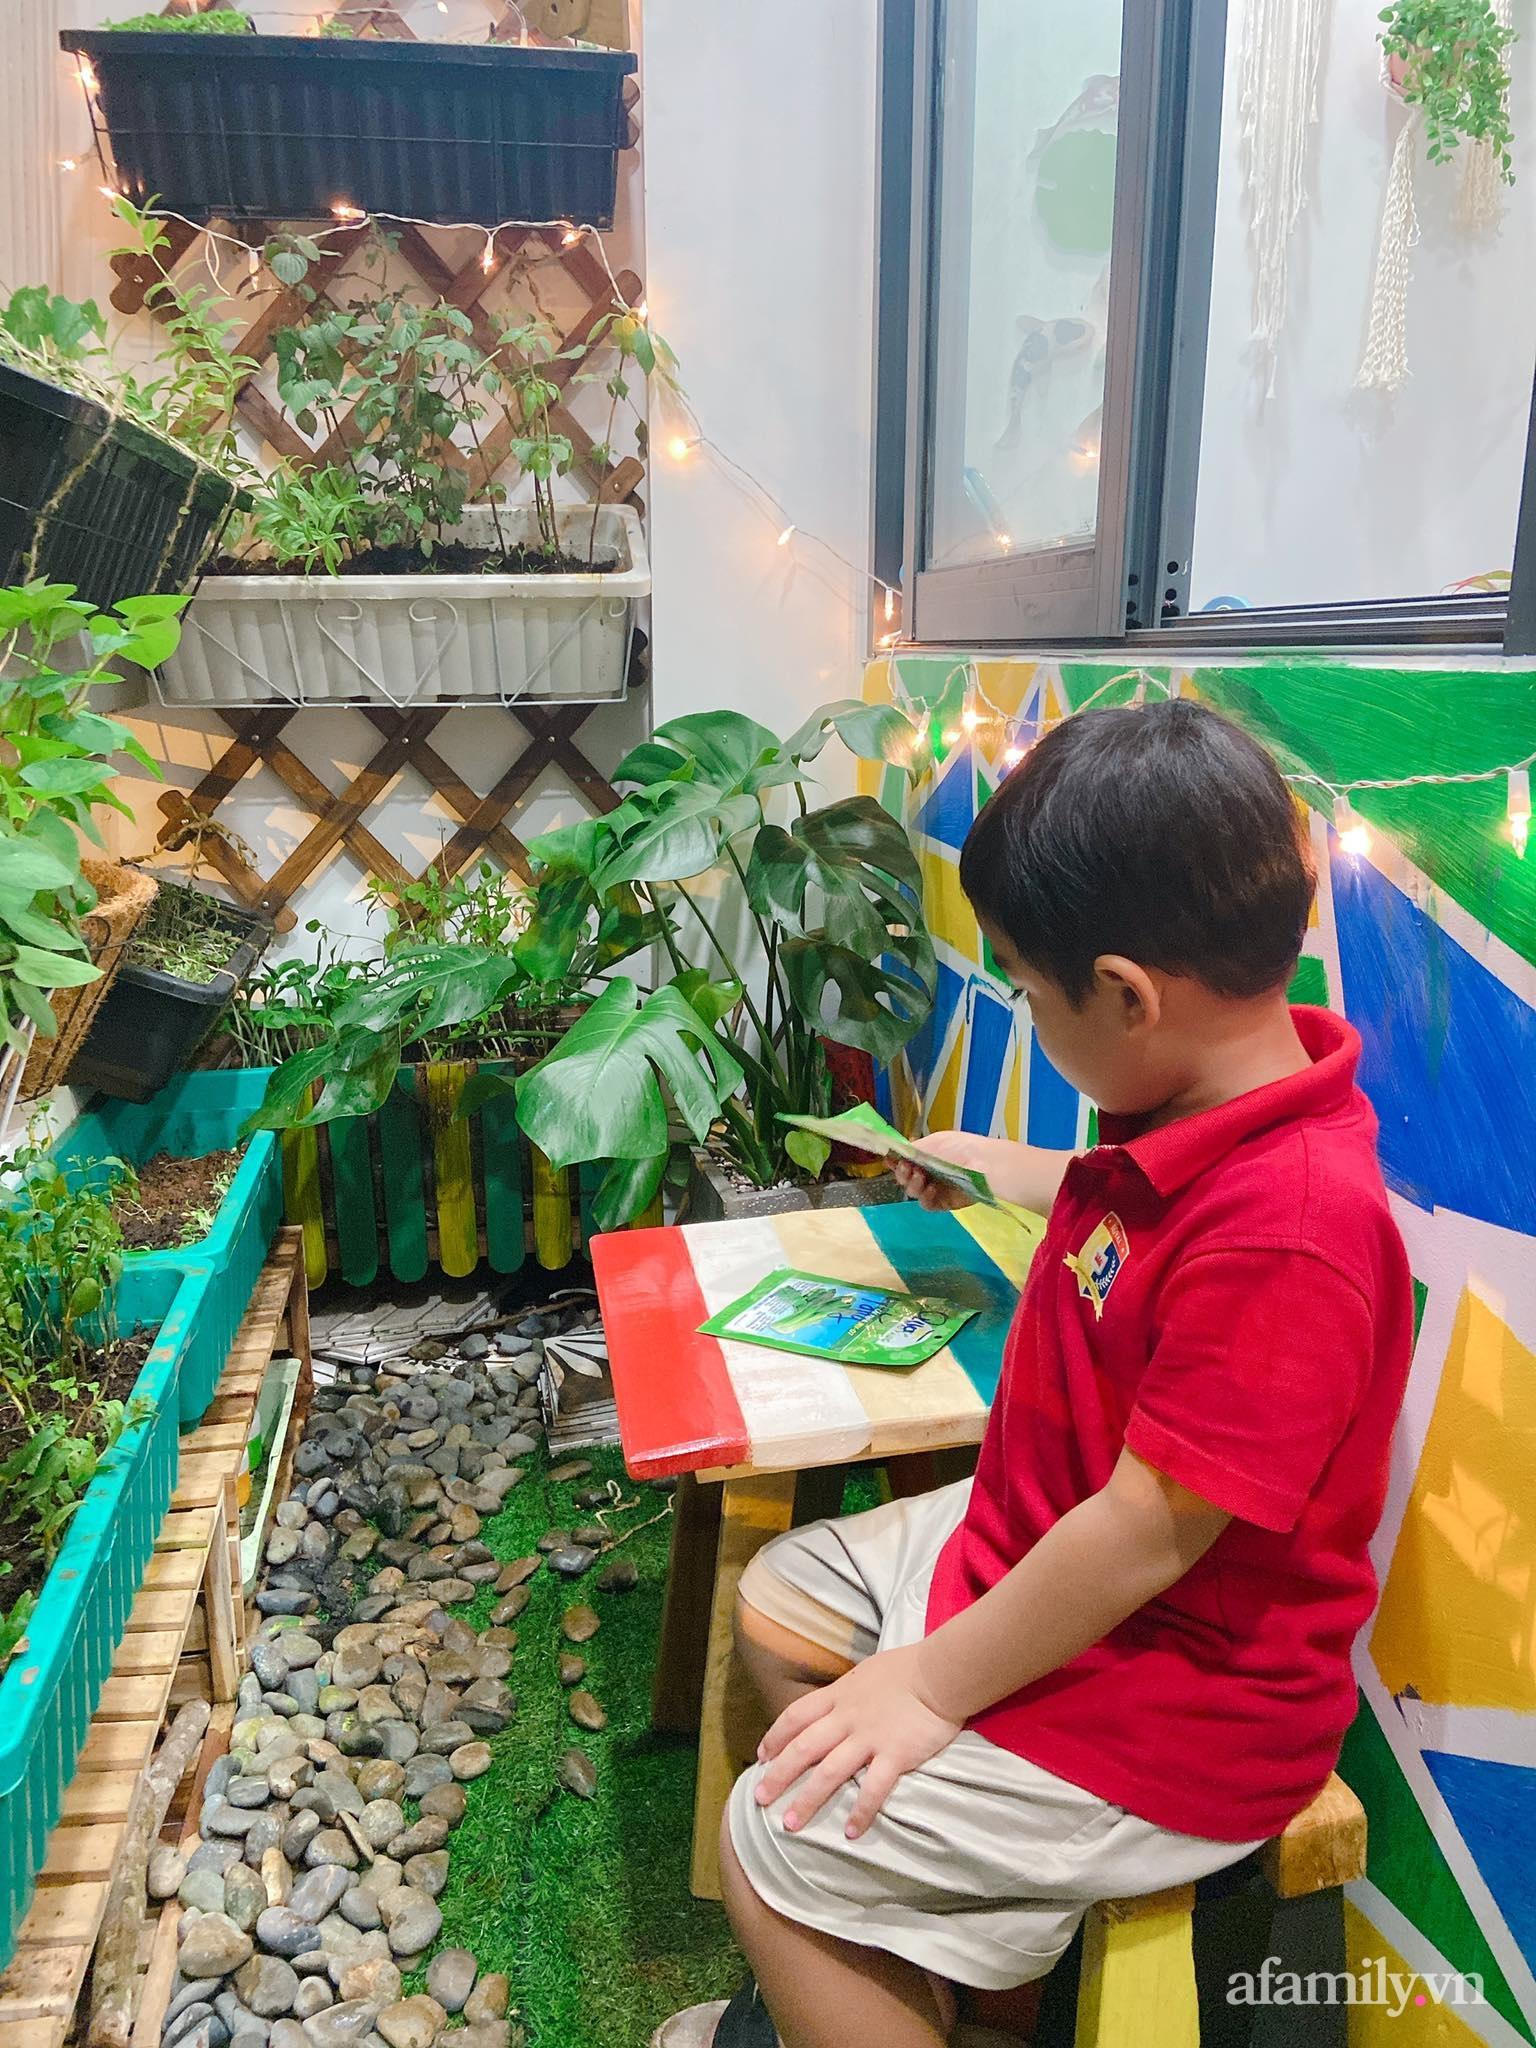 Mẹ trẻ Sài Gòn chia sẻ kinh nghiệm cải tạo và bài trí phòng bé hợp lí khi con vào lớp 1 - Ảnh 23.